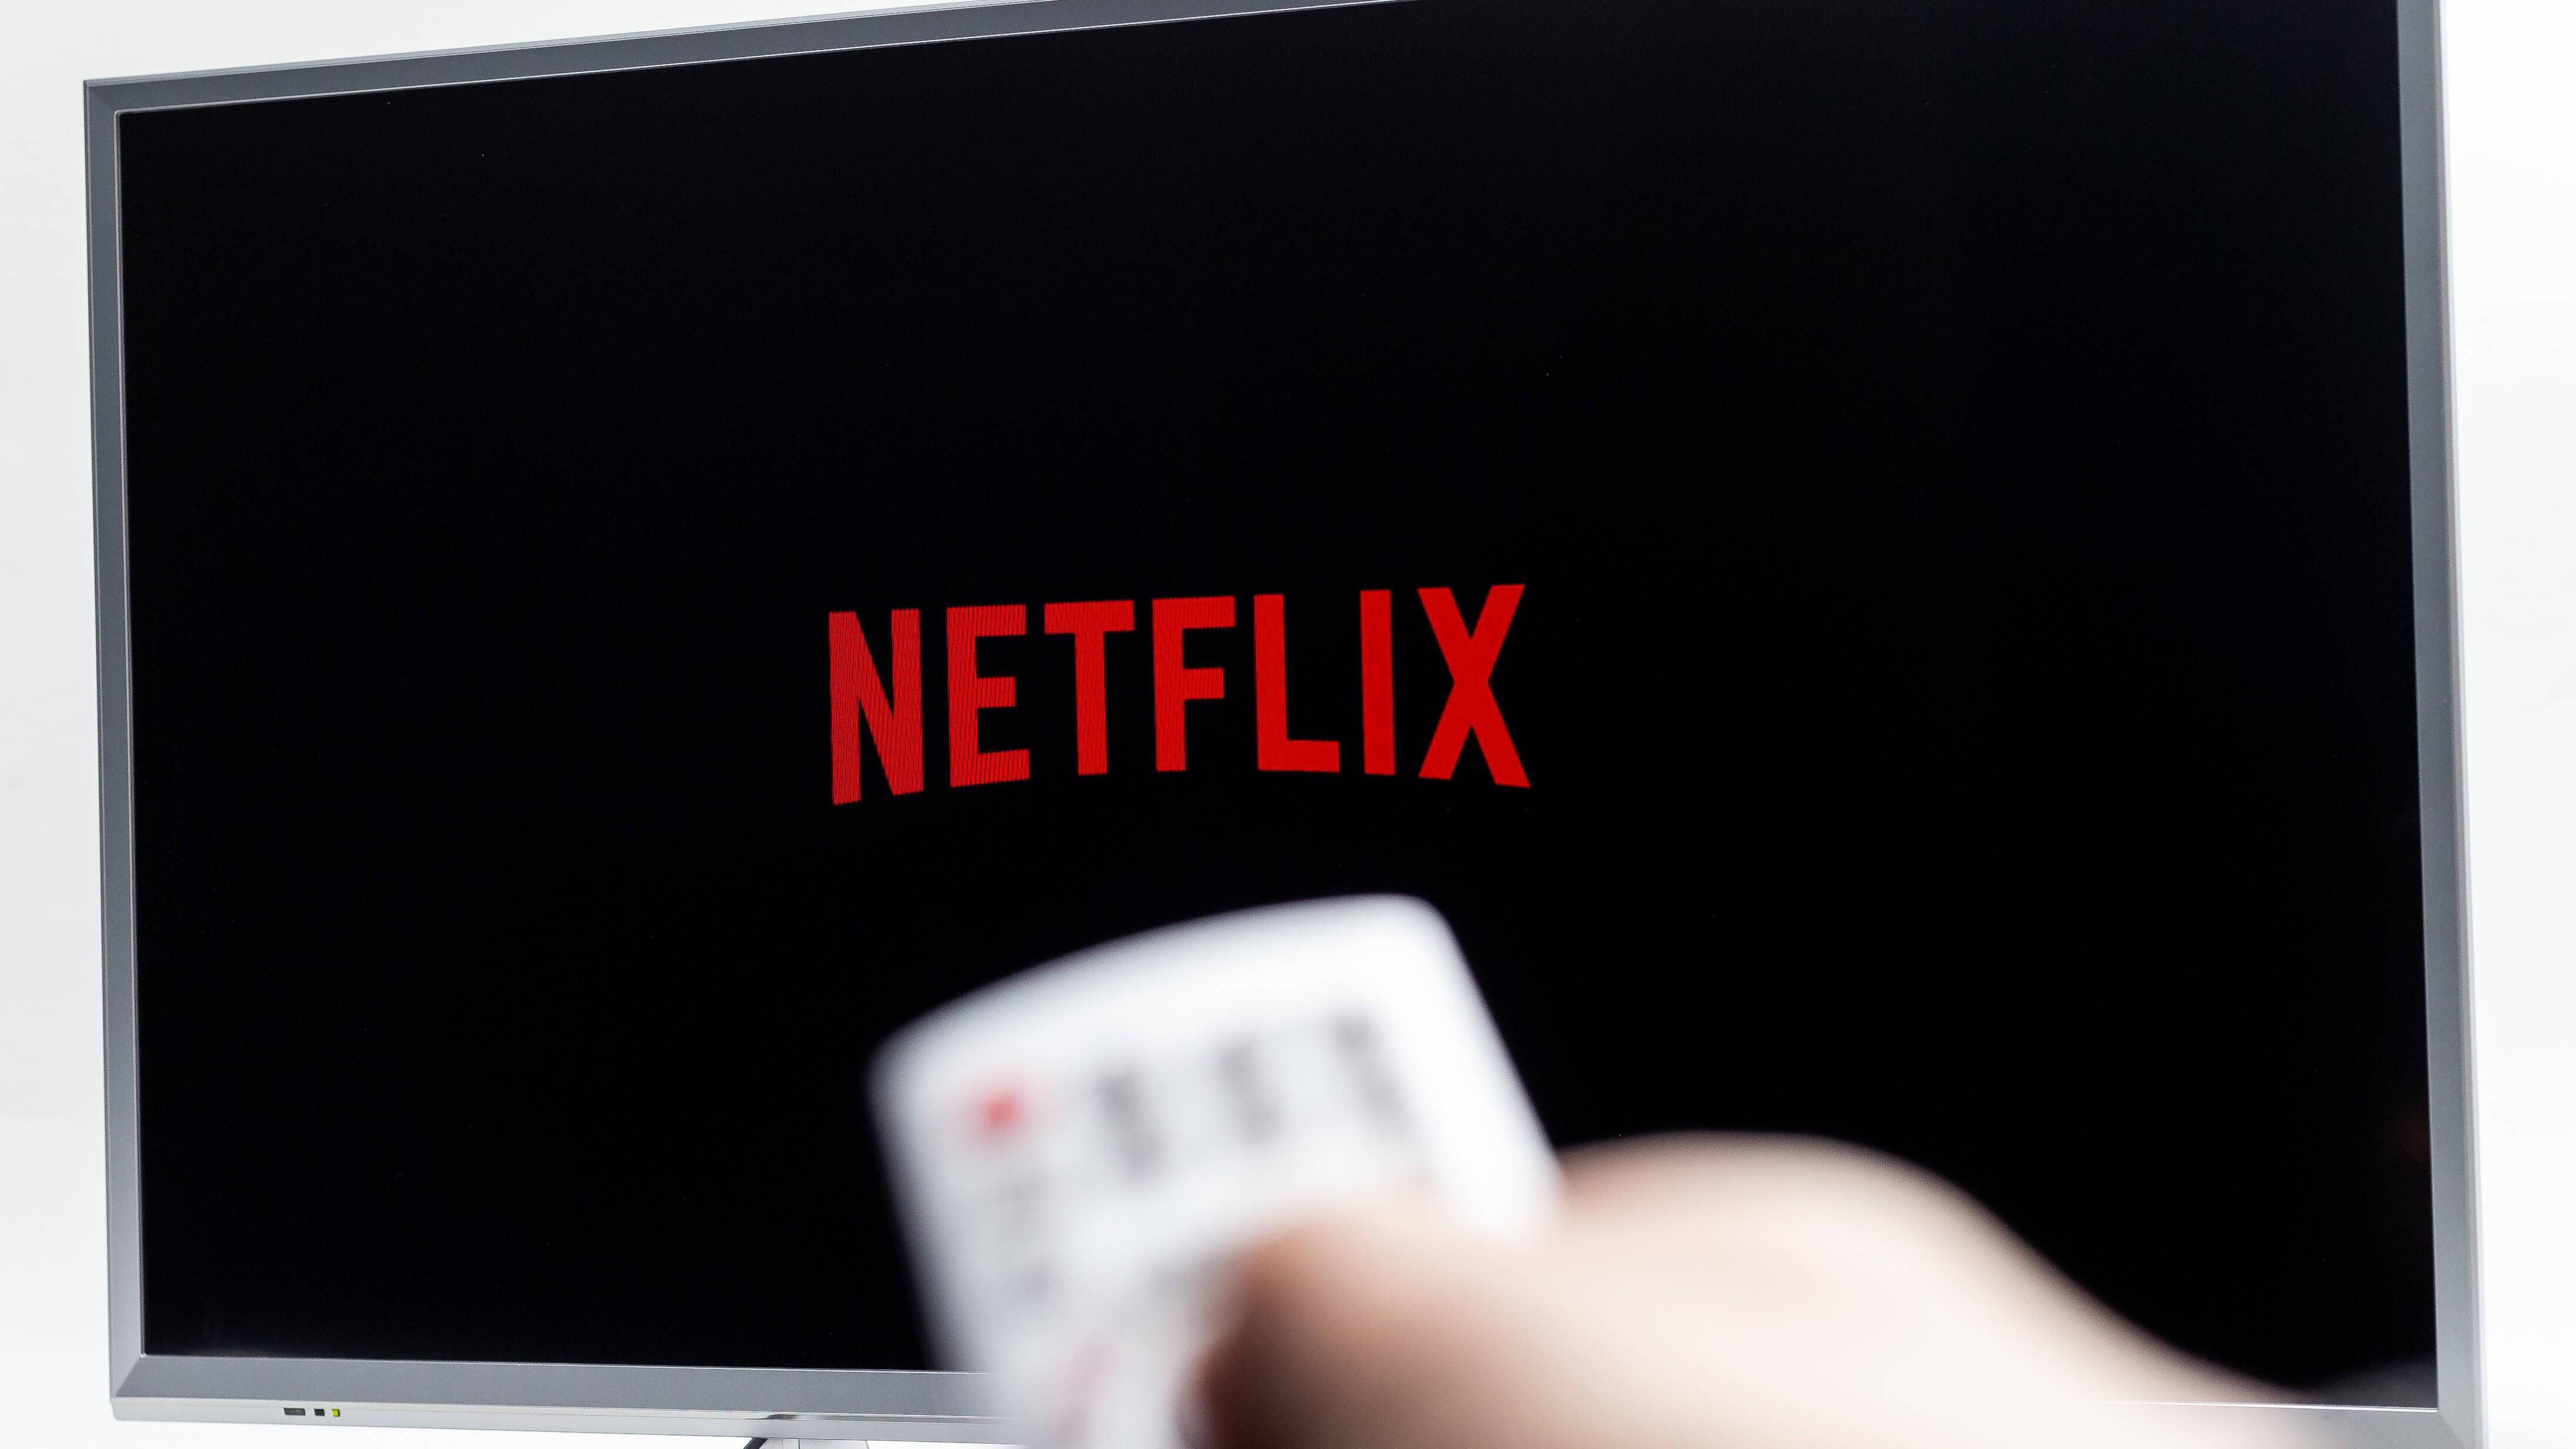 100 Mbit-Internet lohnt sich, wenn Video-Streaming auch auf mehreren Geräten gleichzeitig problemlos möglich sein soll.